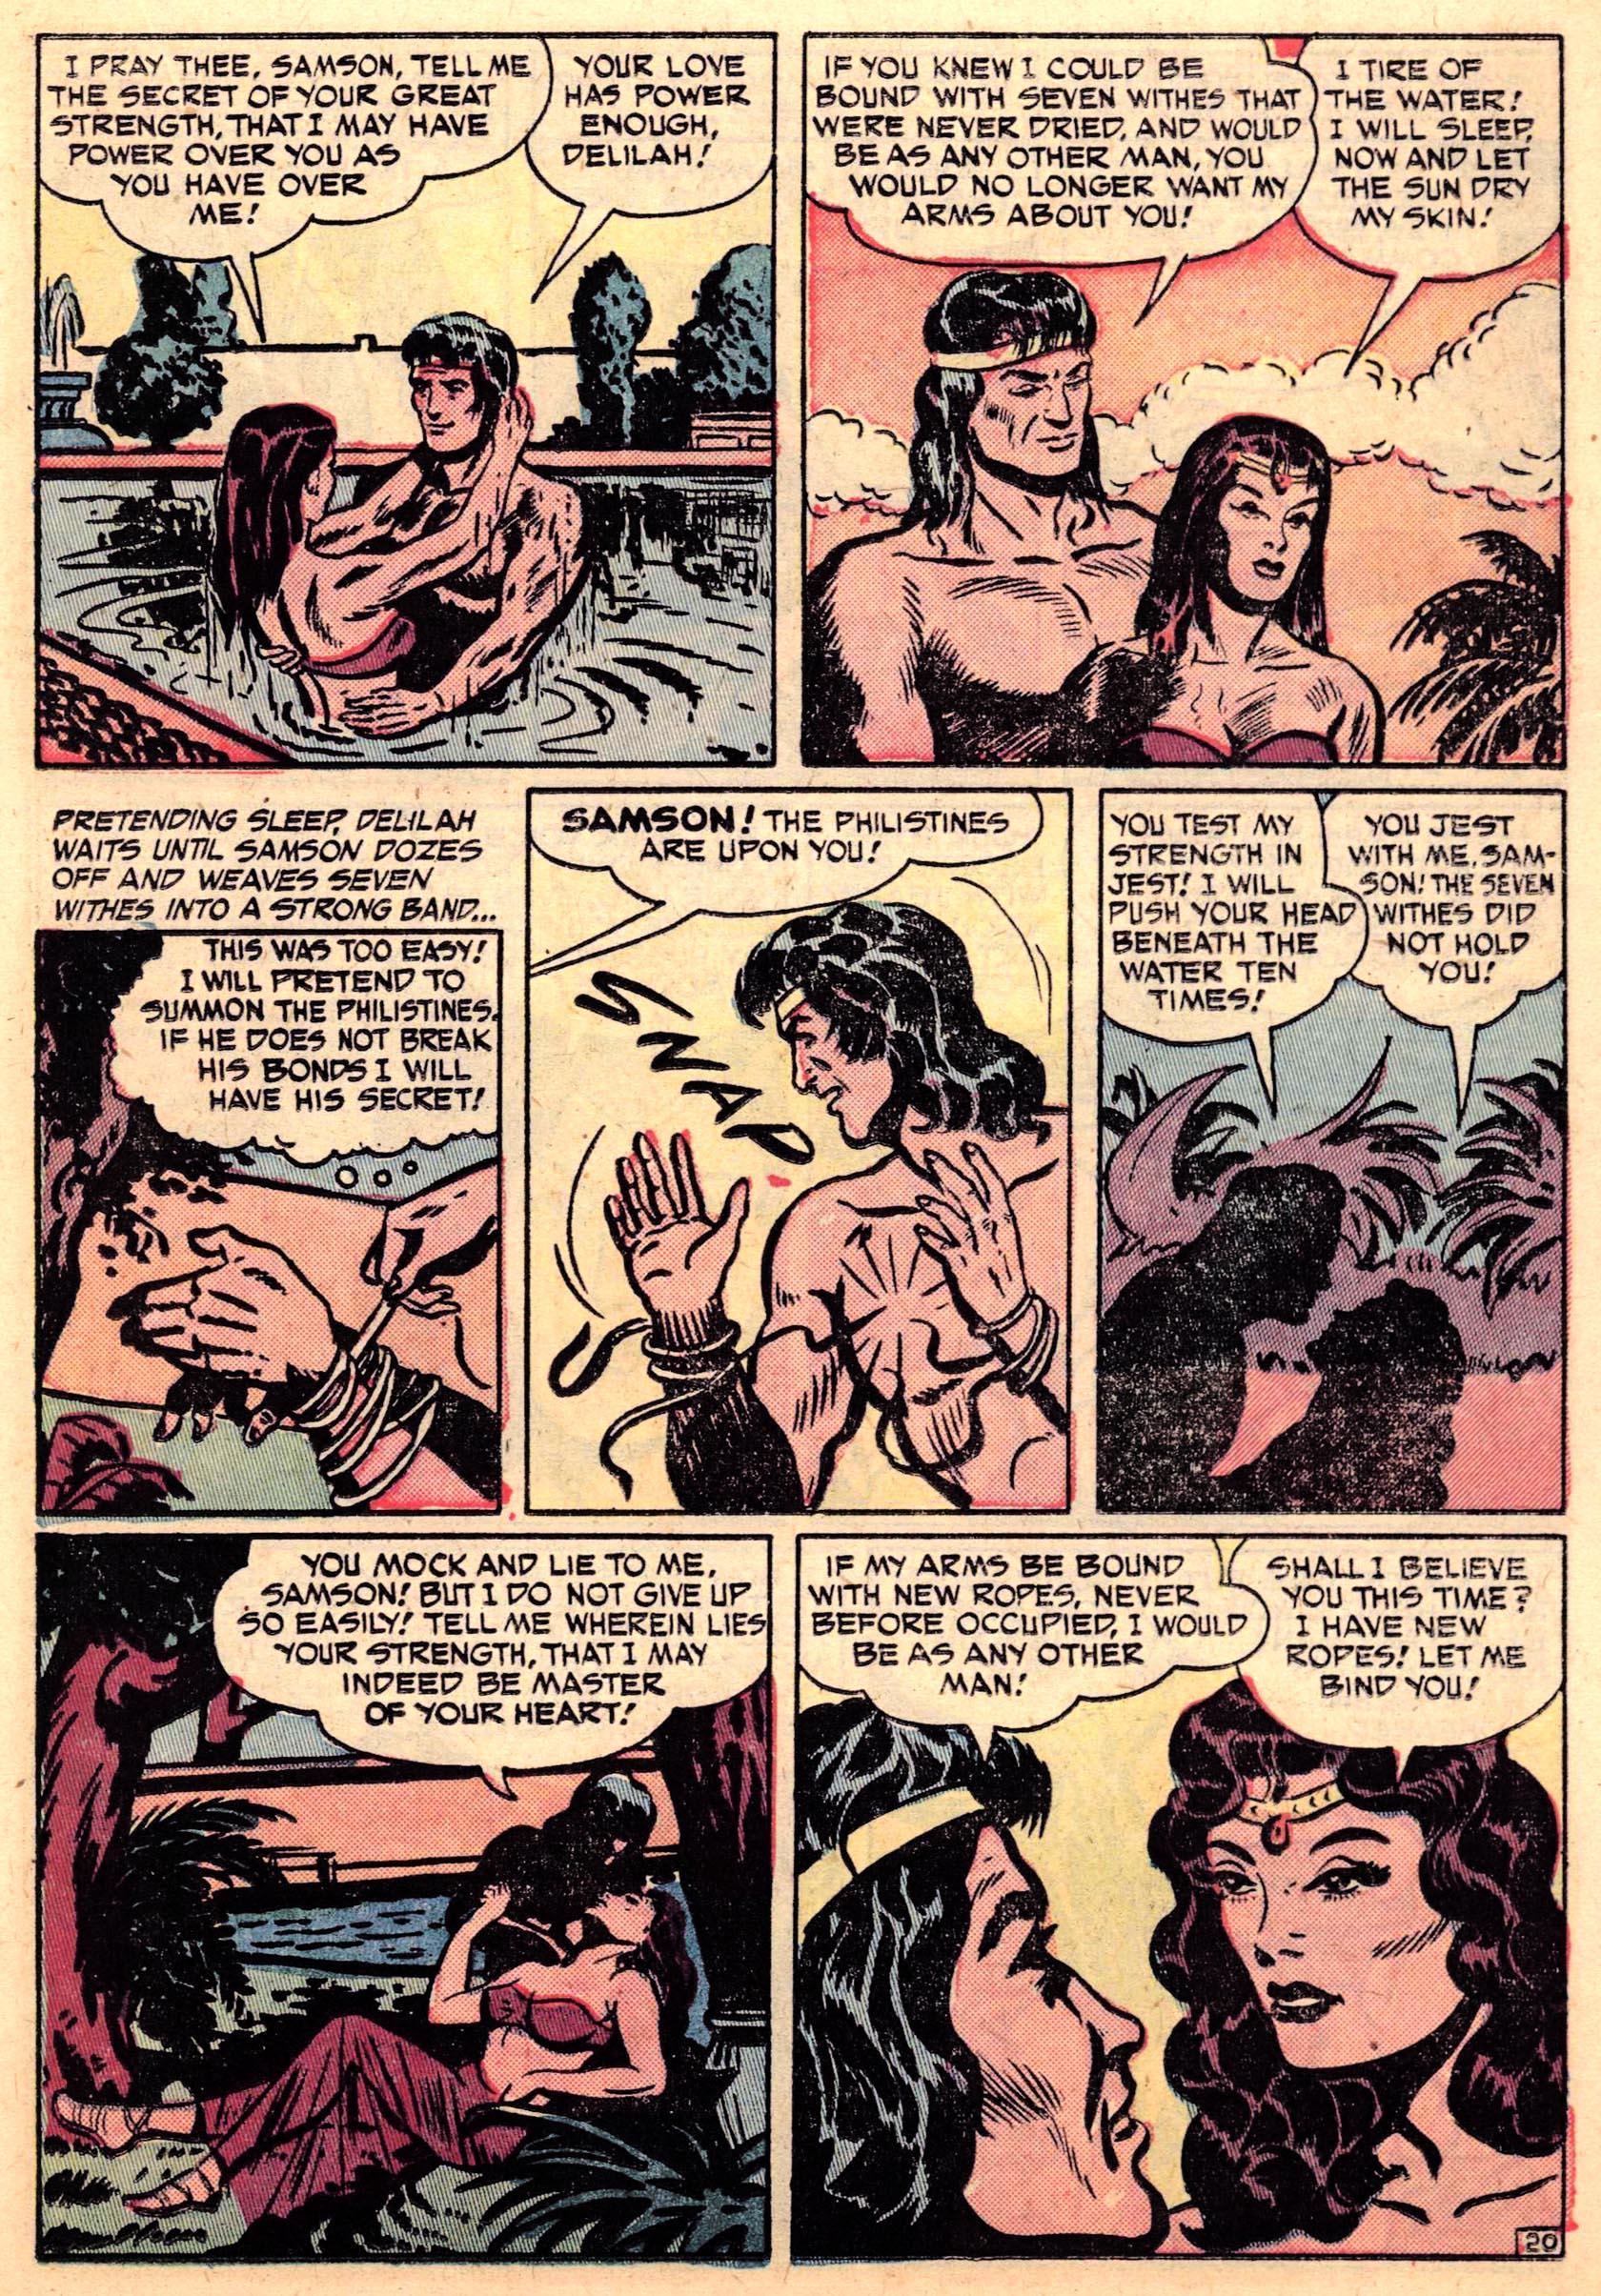 File:Samson and Delilah 21.jpg - Wikimedia Commons: commons.wikimedia.org/wiki/File:Samson_and_Delilah_21.jpg